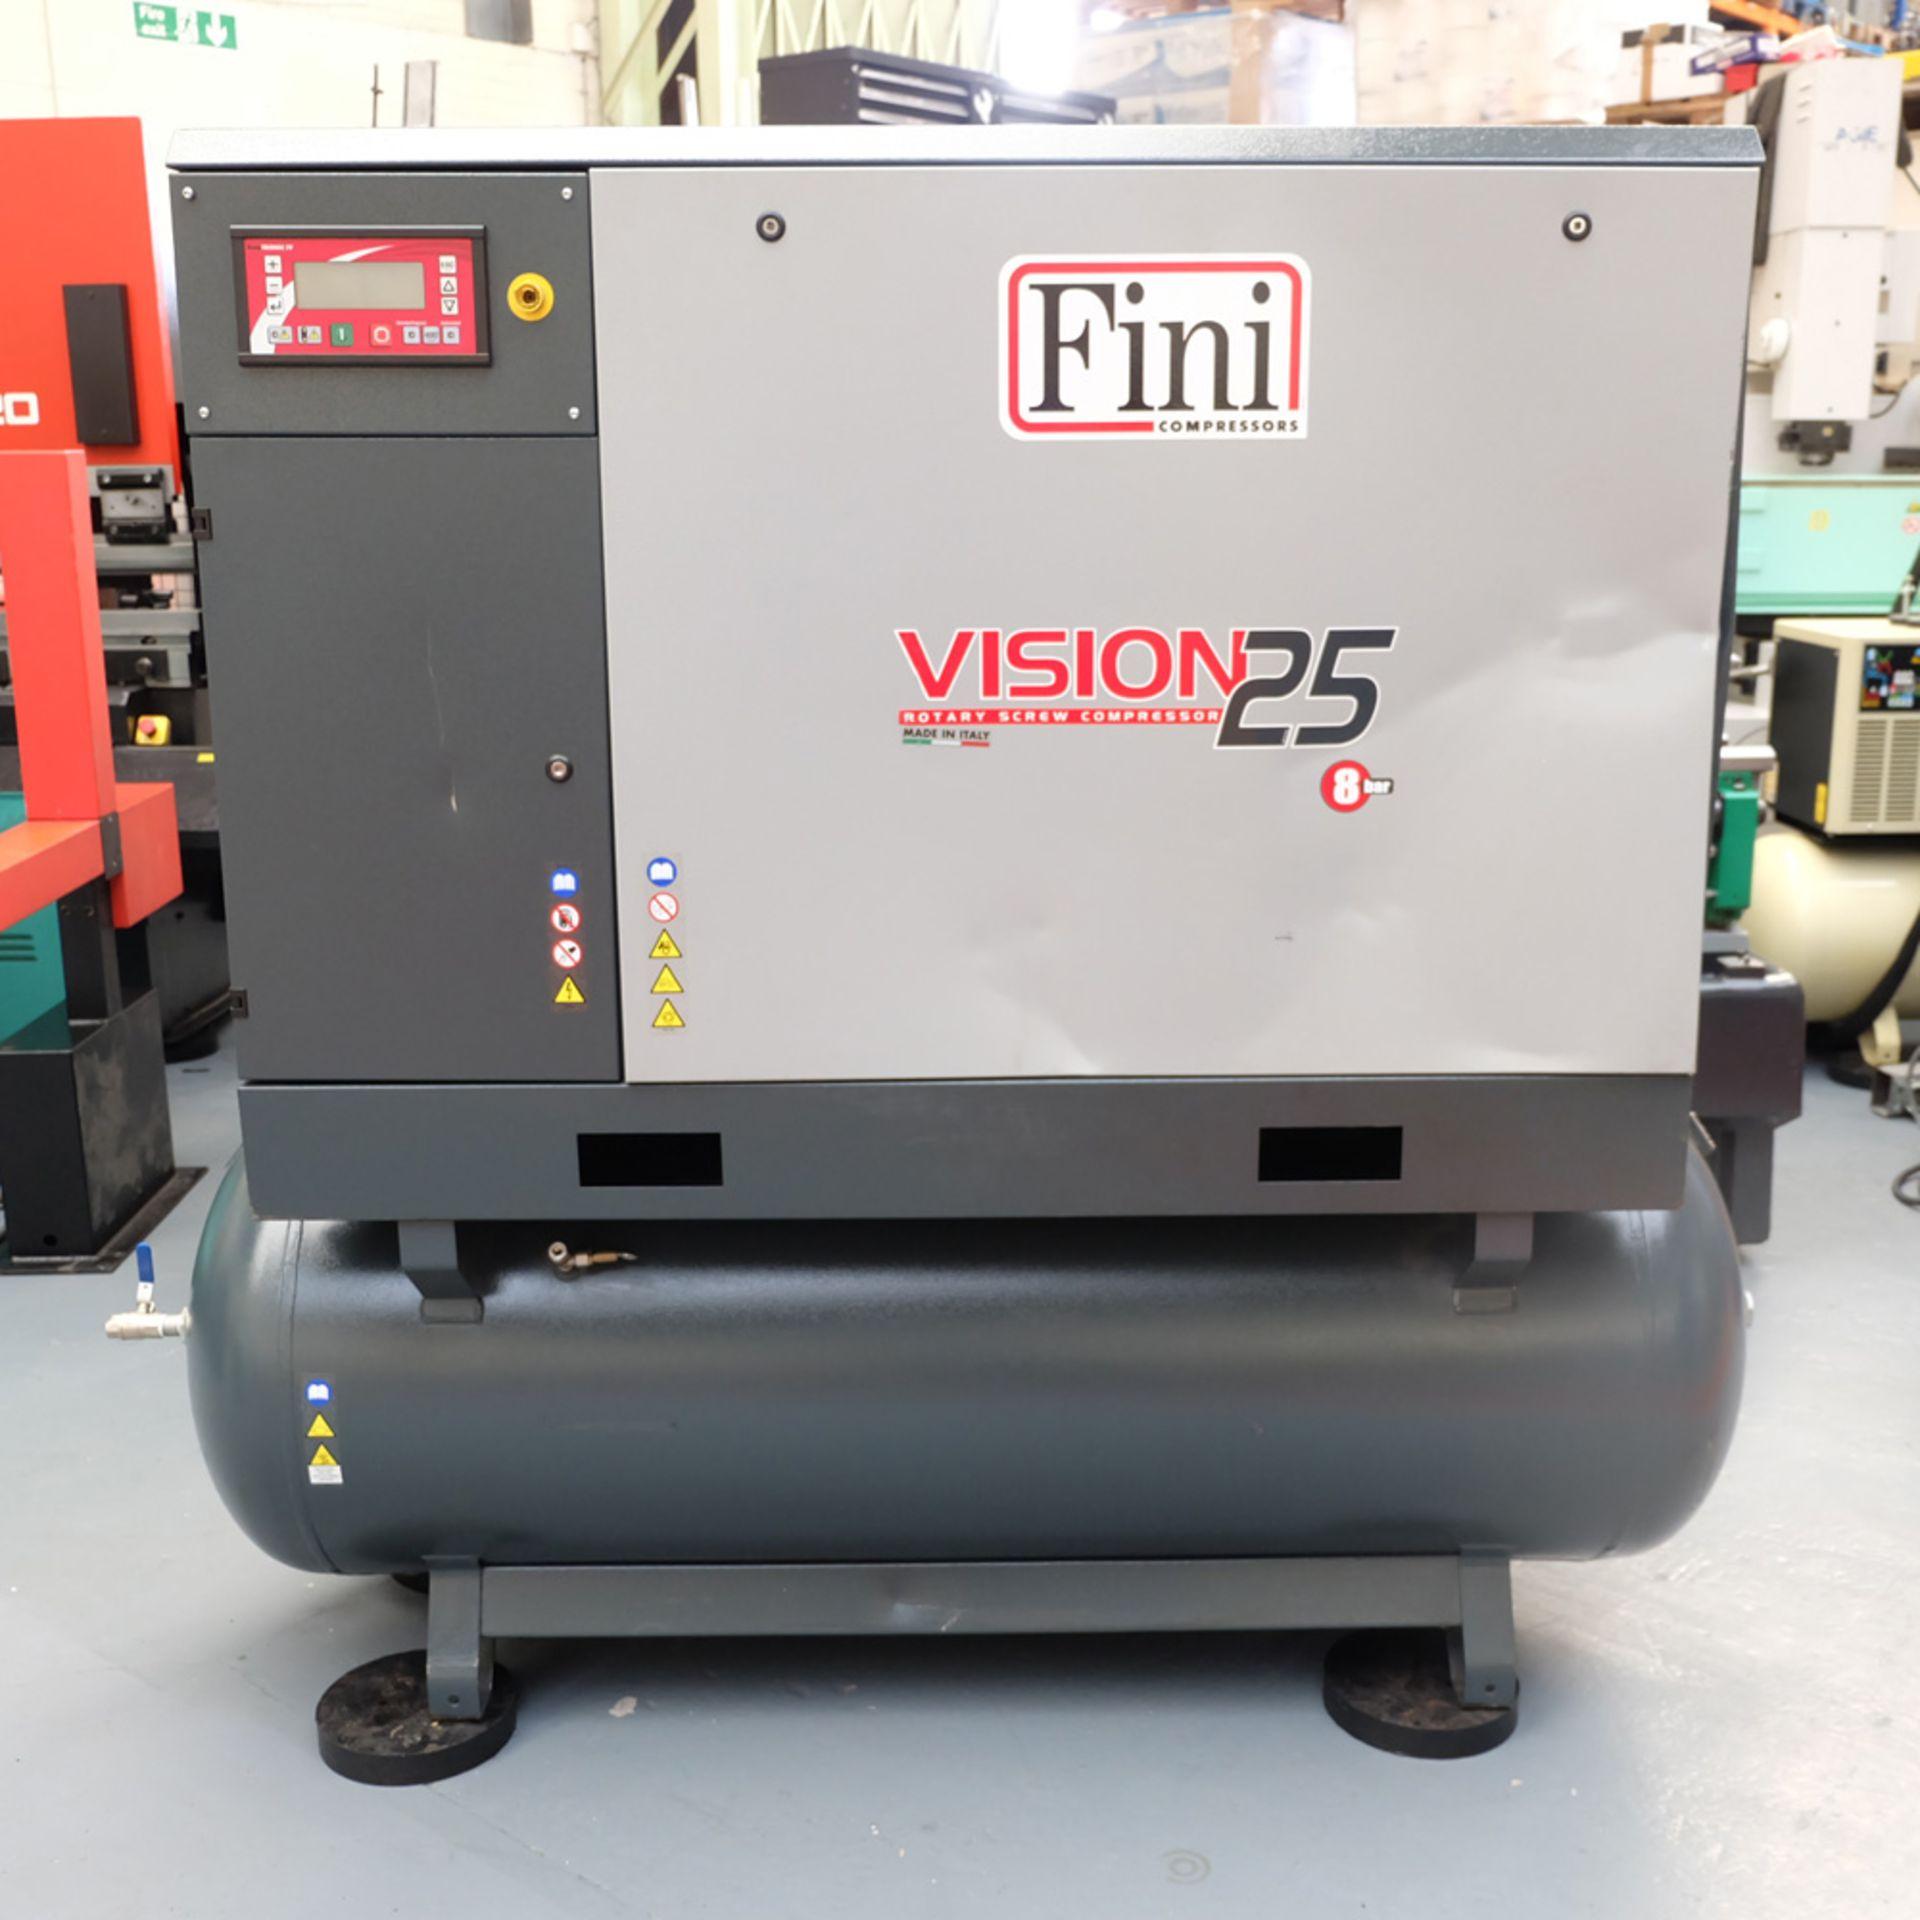 FINI VISION 25 Rotary Screw Compressor.